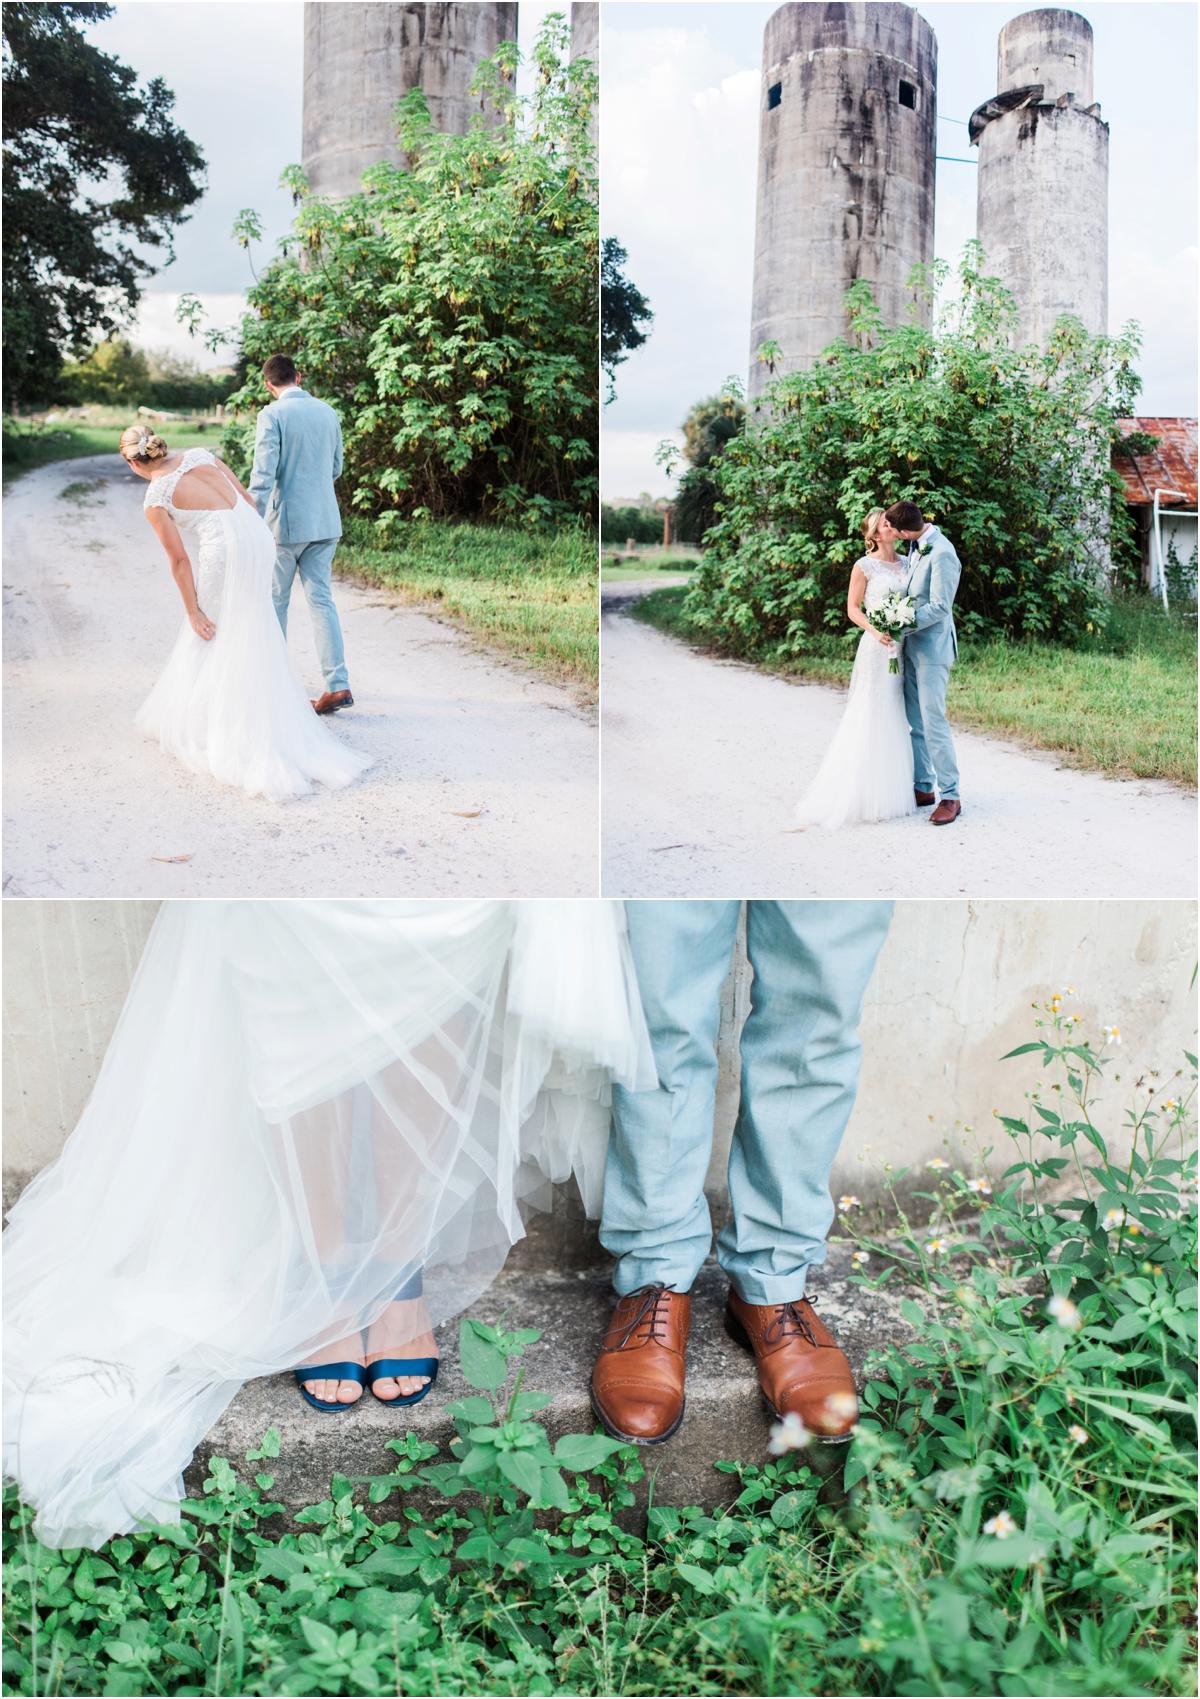 Waldos-Secret-Garden-Wedding-Photos-Vero_0018